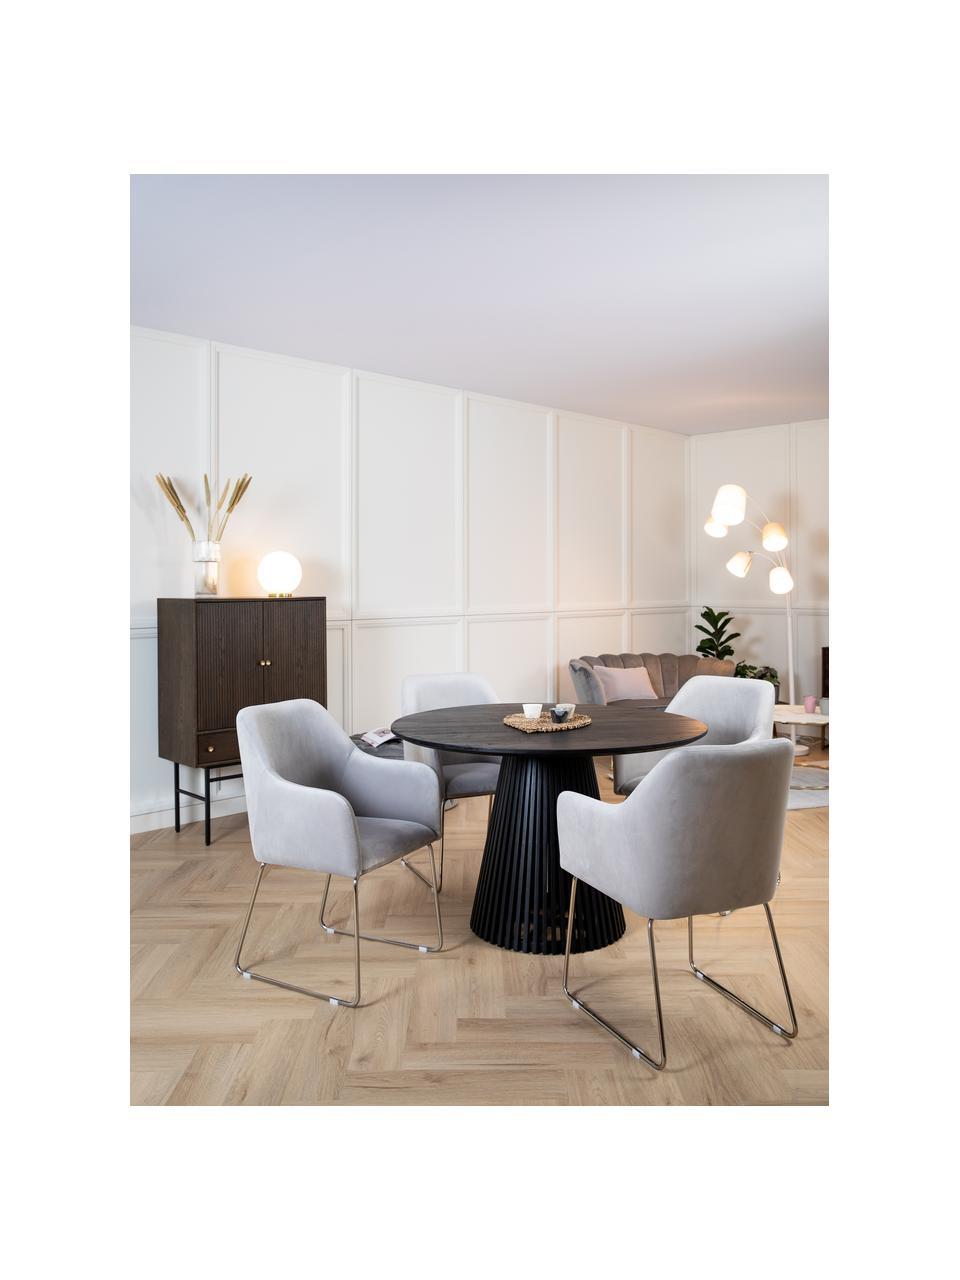 Fluwelen armstoel Isla, Bekleding: polyester, Poten: gecoat metaal, Fluweel lichtgrijs, poten zilverkleurig, B 58 x D 62 cm